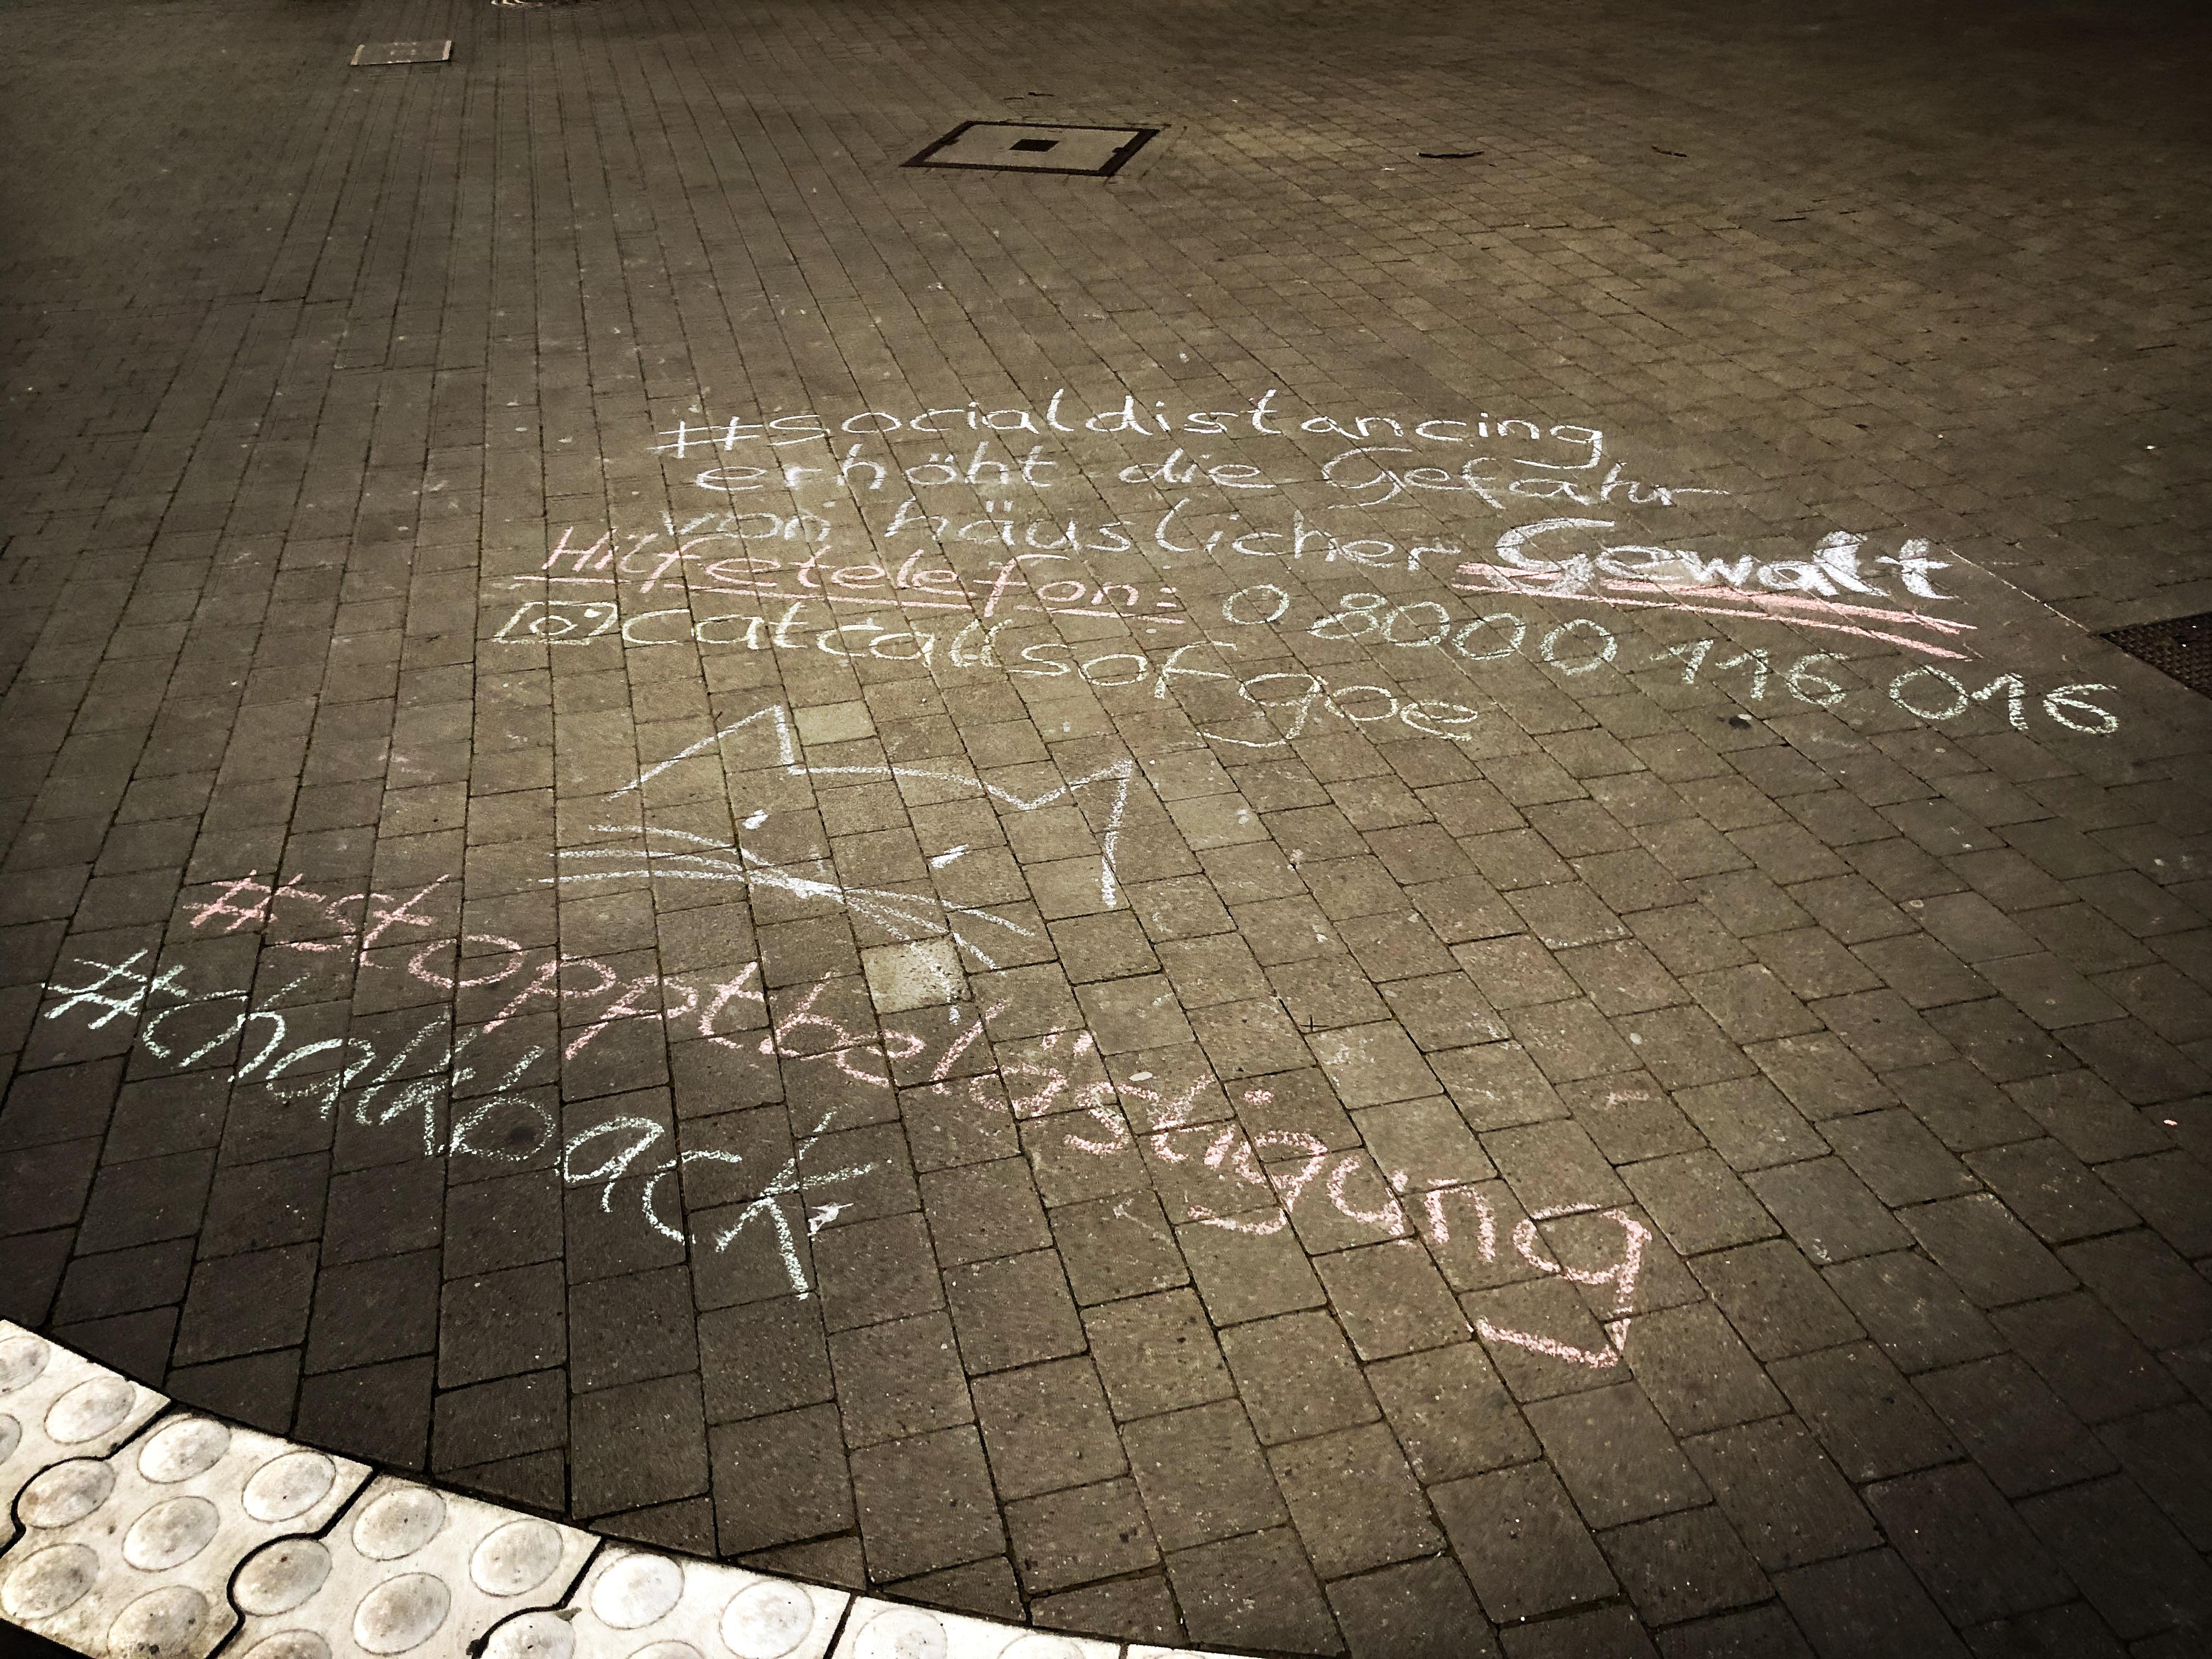 地面的涂鸦:社交距离会使家庭暴力的危险升高,有必要可拨打援助电话。